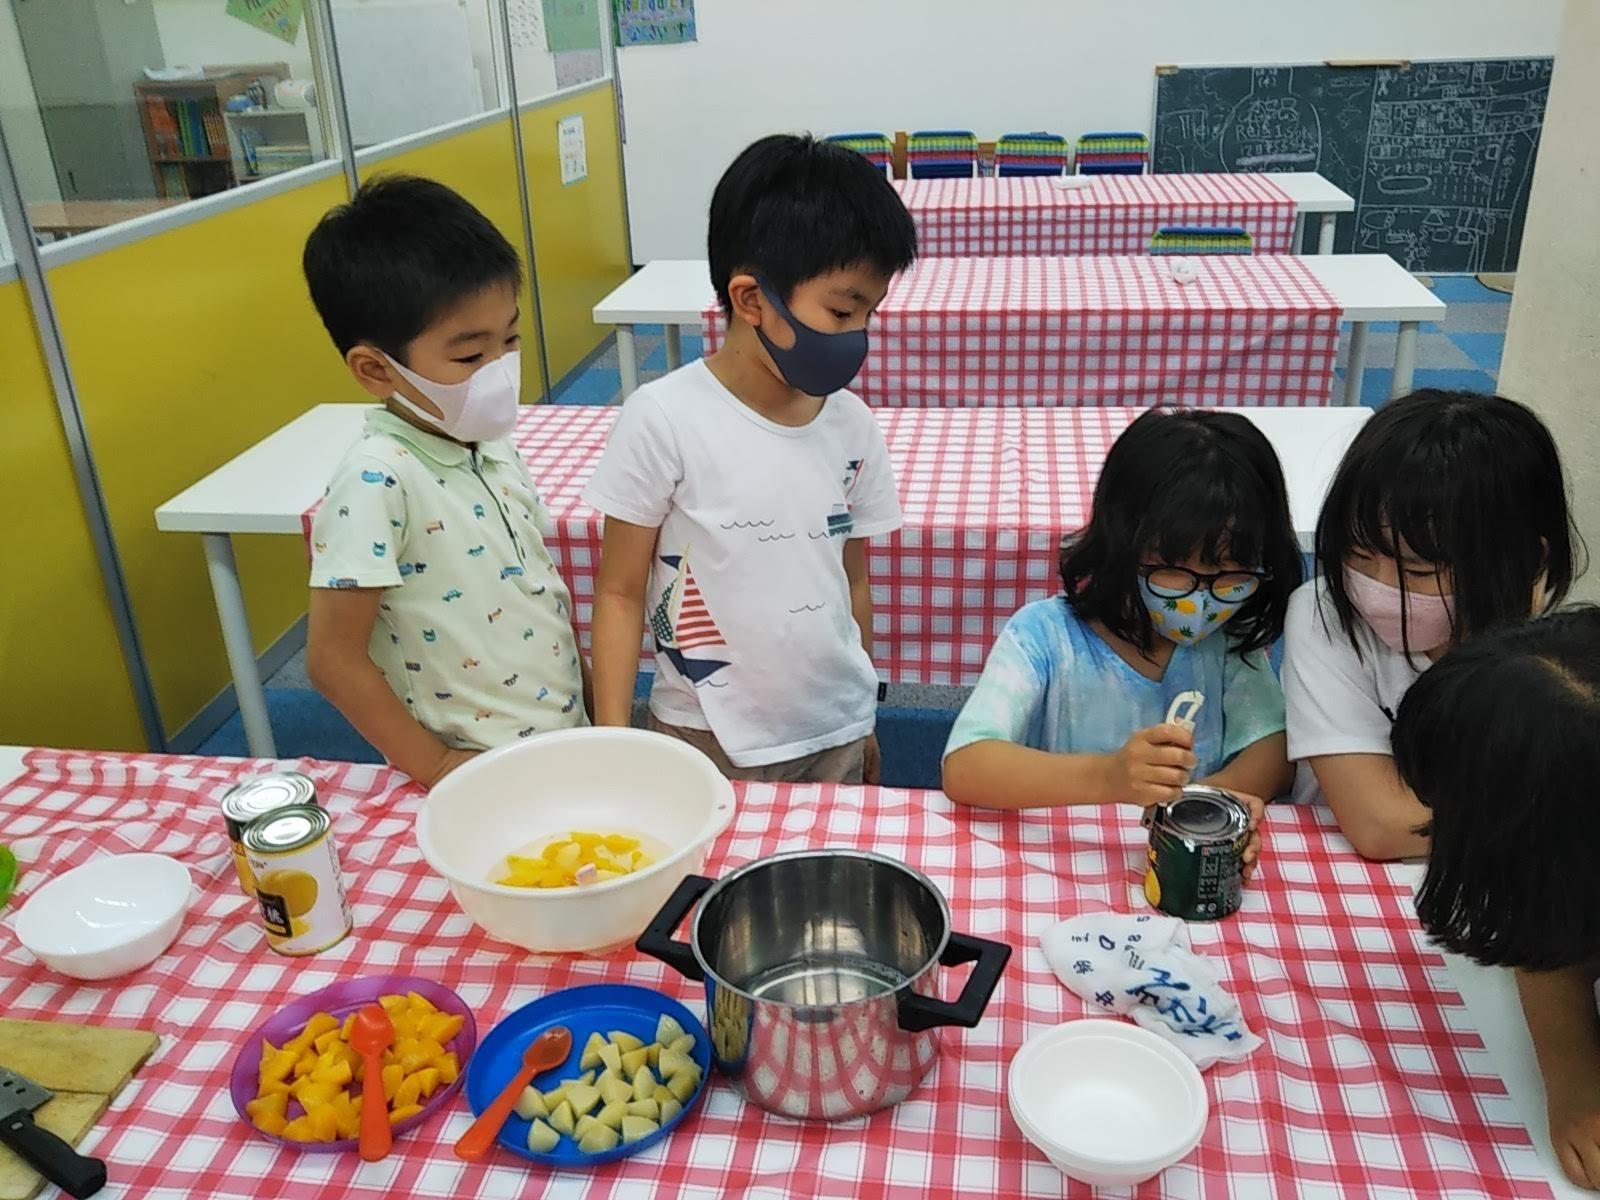 8月6日 おやつ作り / Making Fruit Punch _c0315908_11303059.jpg